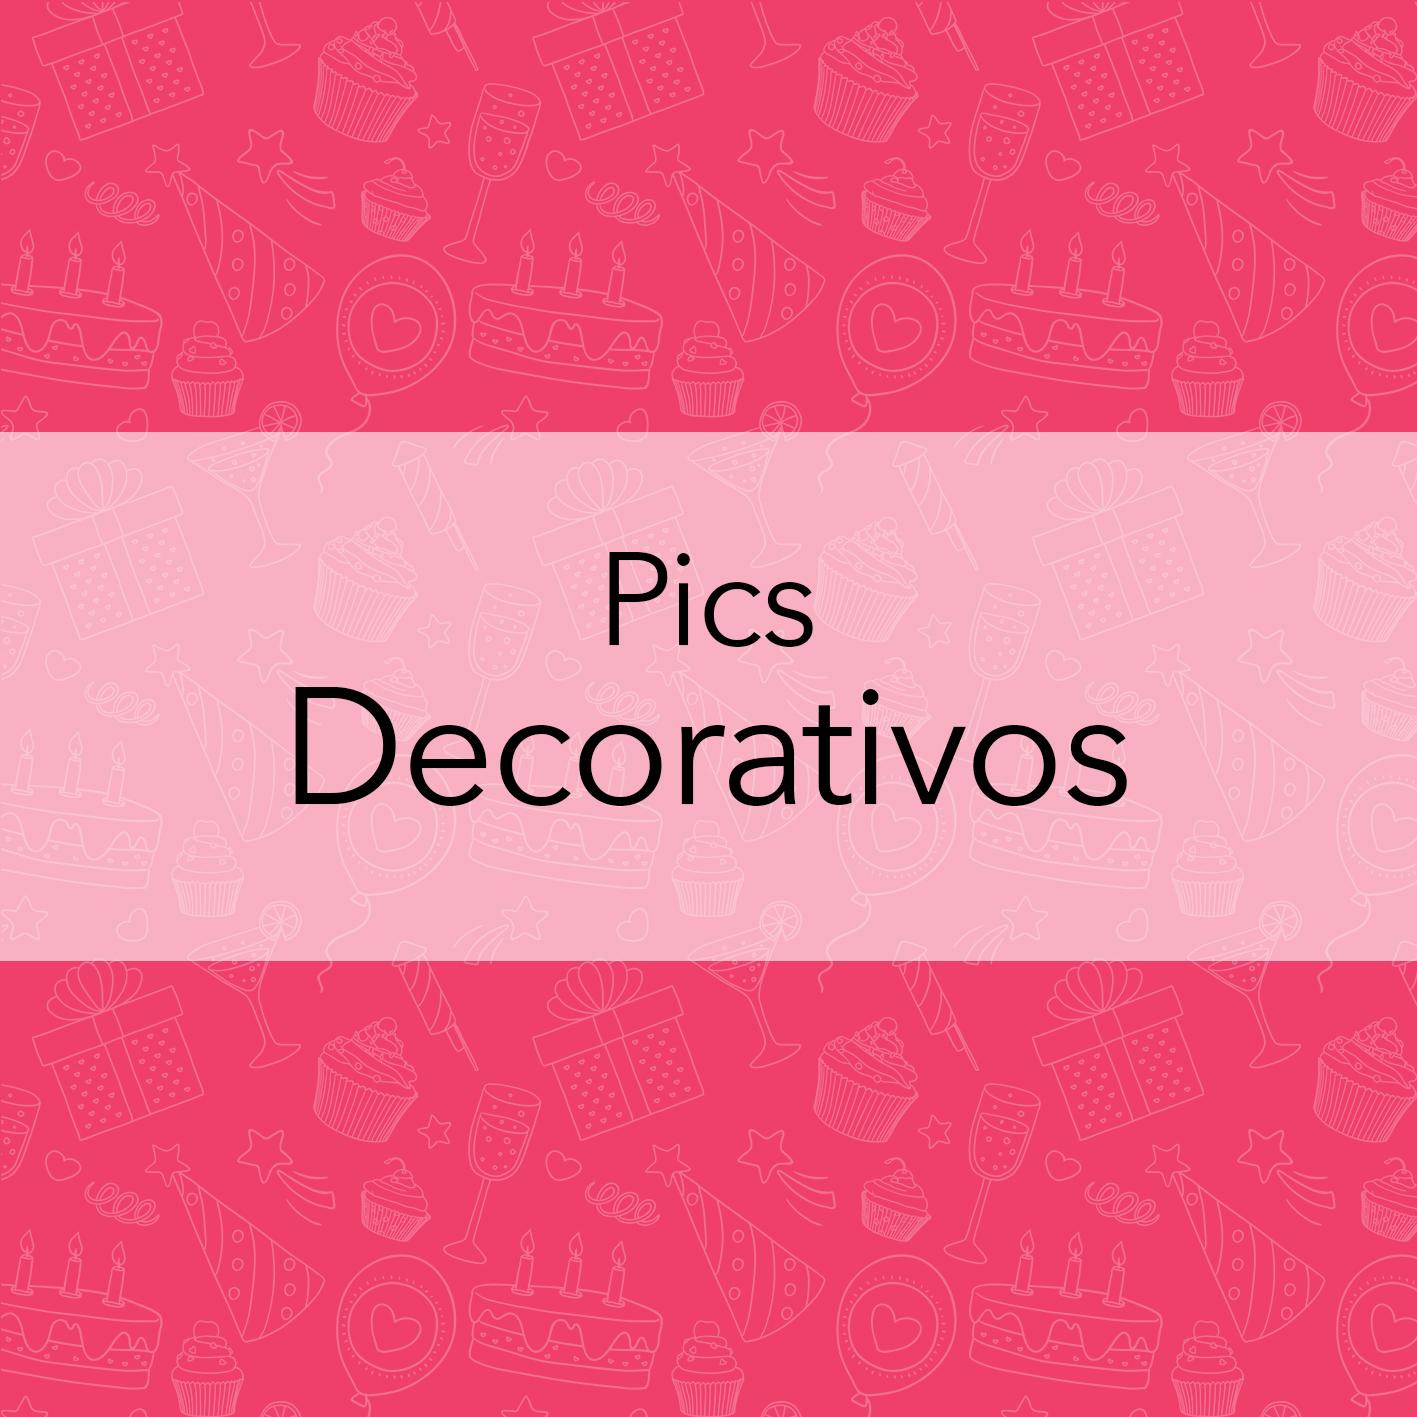 PICS DECORATIVOS